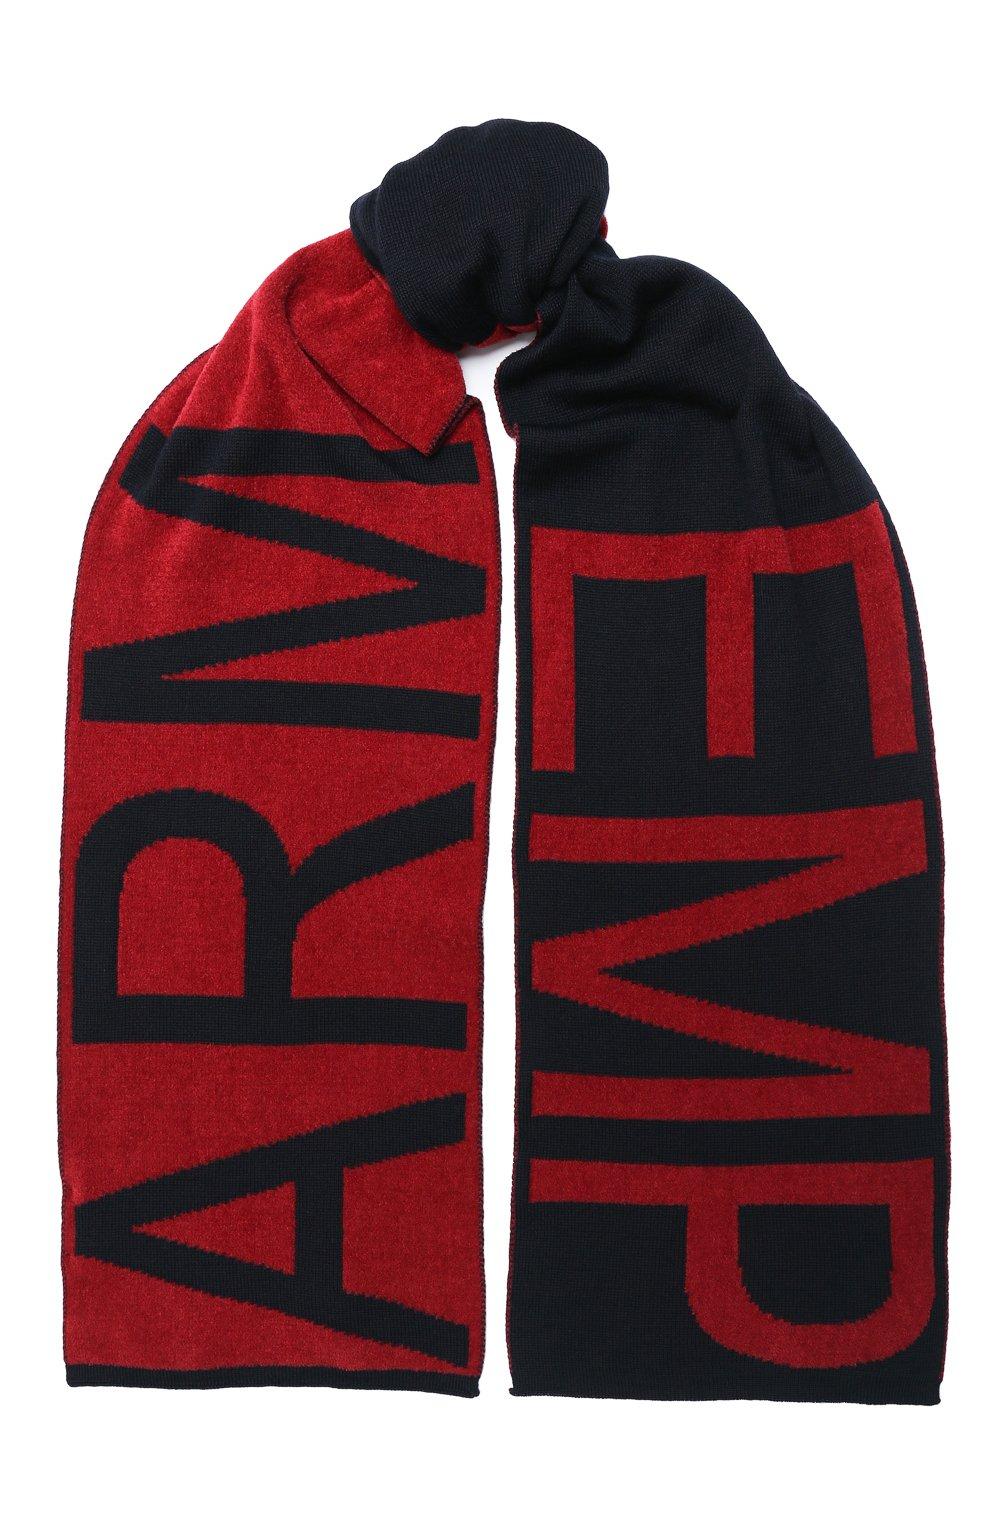 Детский комплект из шапки и шарфа EMPORIO ARMANI красного цвета, арт. 407510/0A758   Фото 4